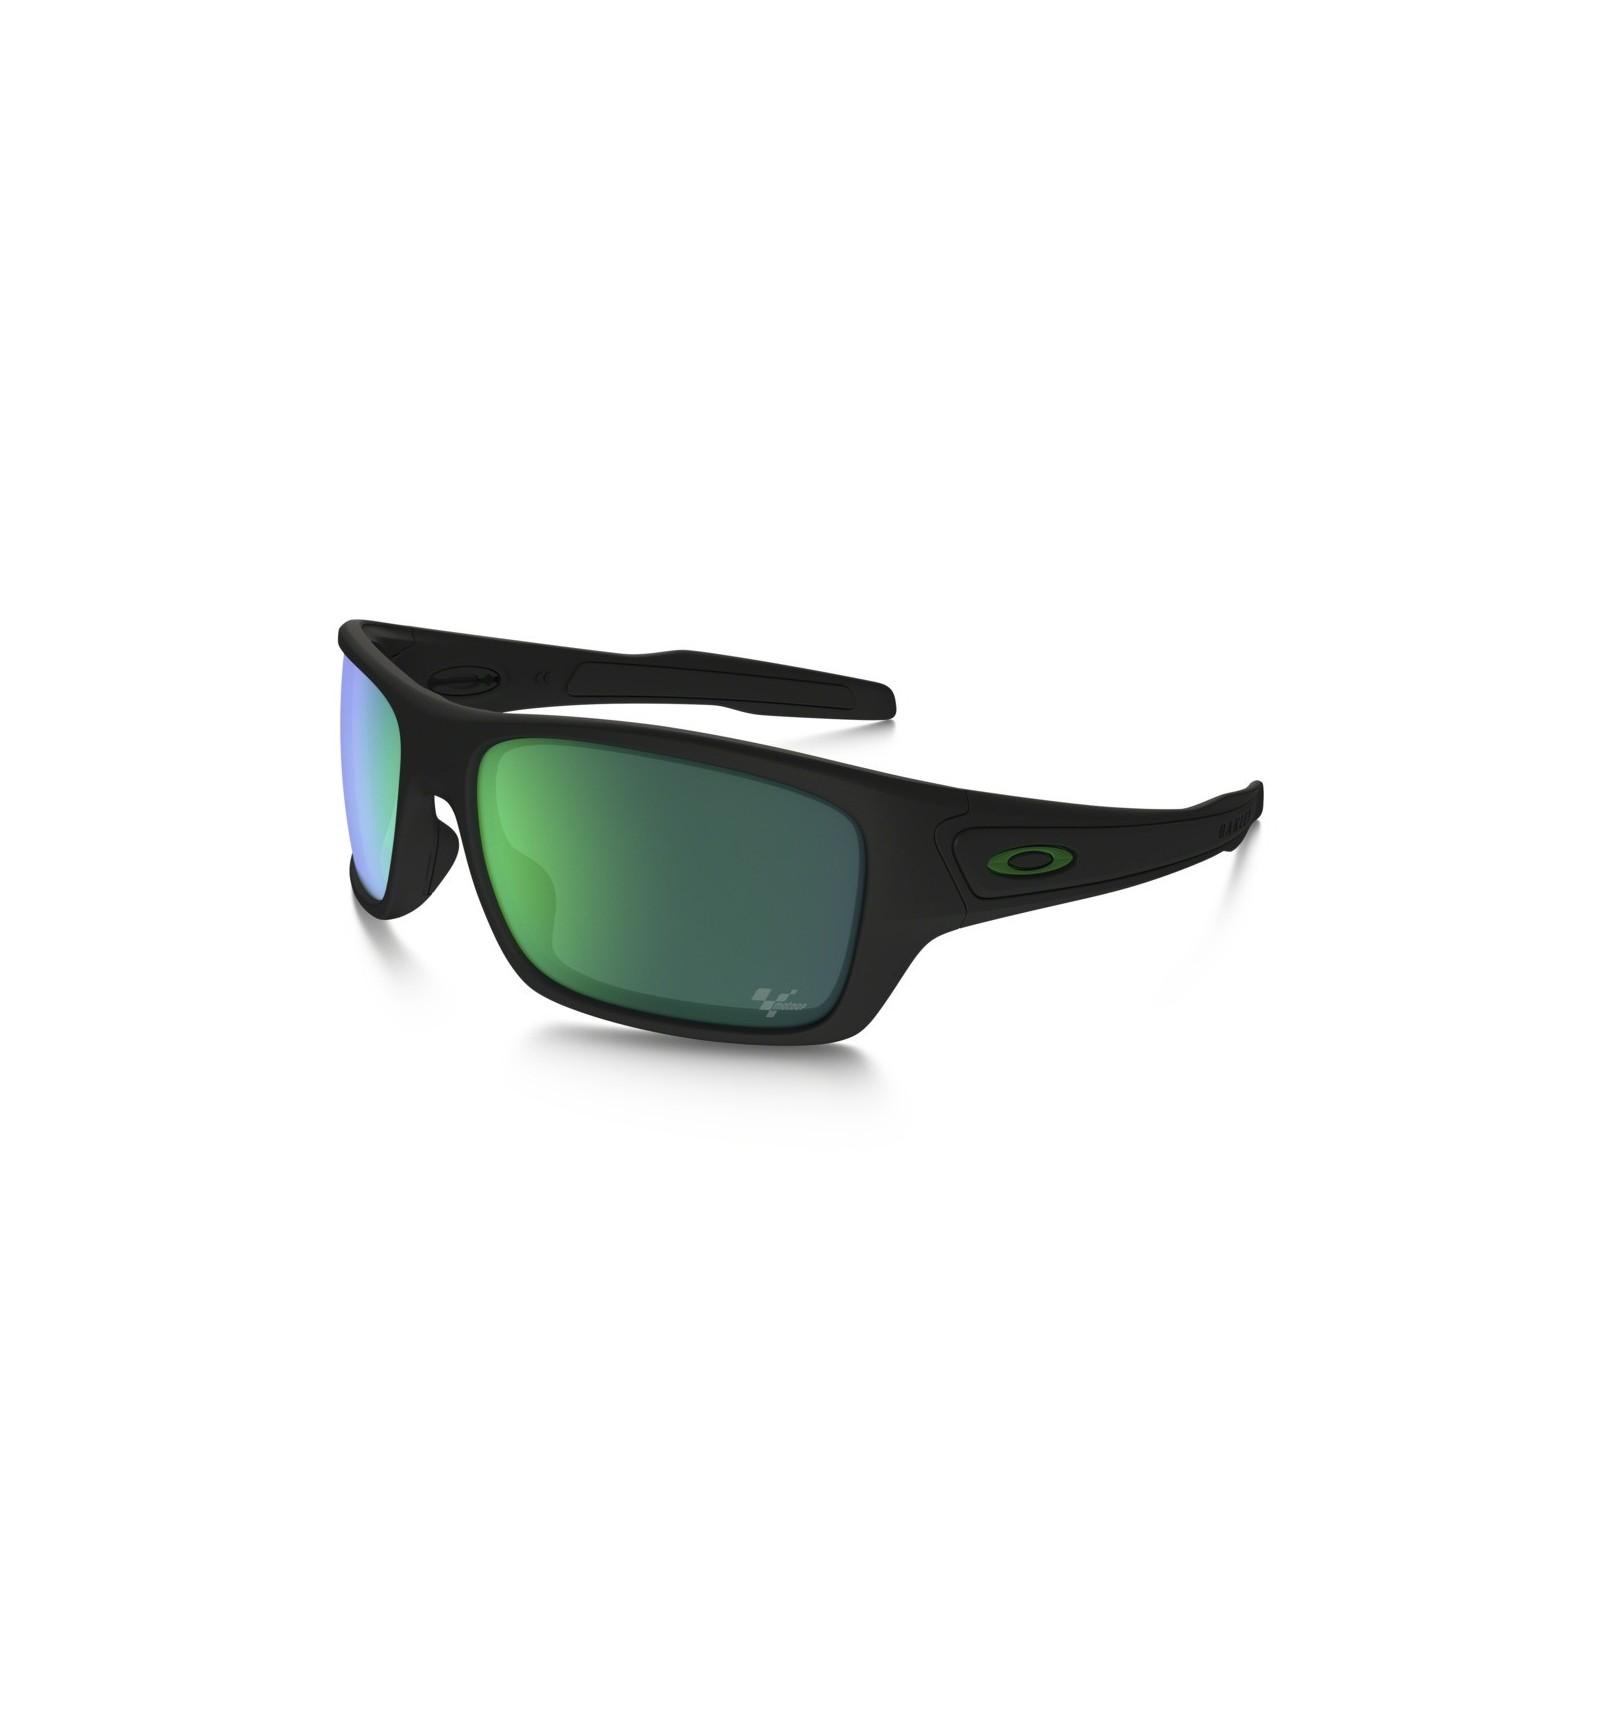 861b746168 Gafas de sol OAKLEY 9263 TURBINE MOTO GP Matte Black / Jade Iridium